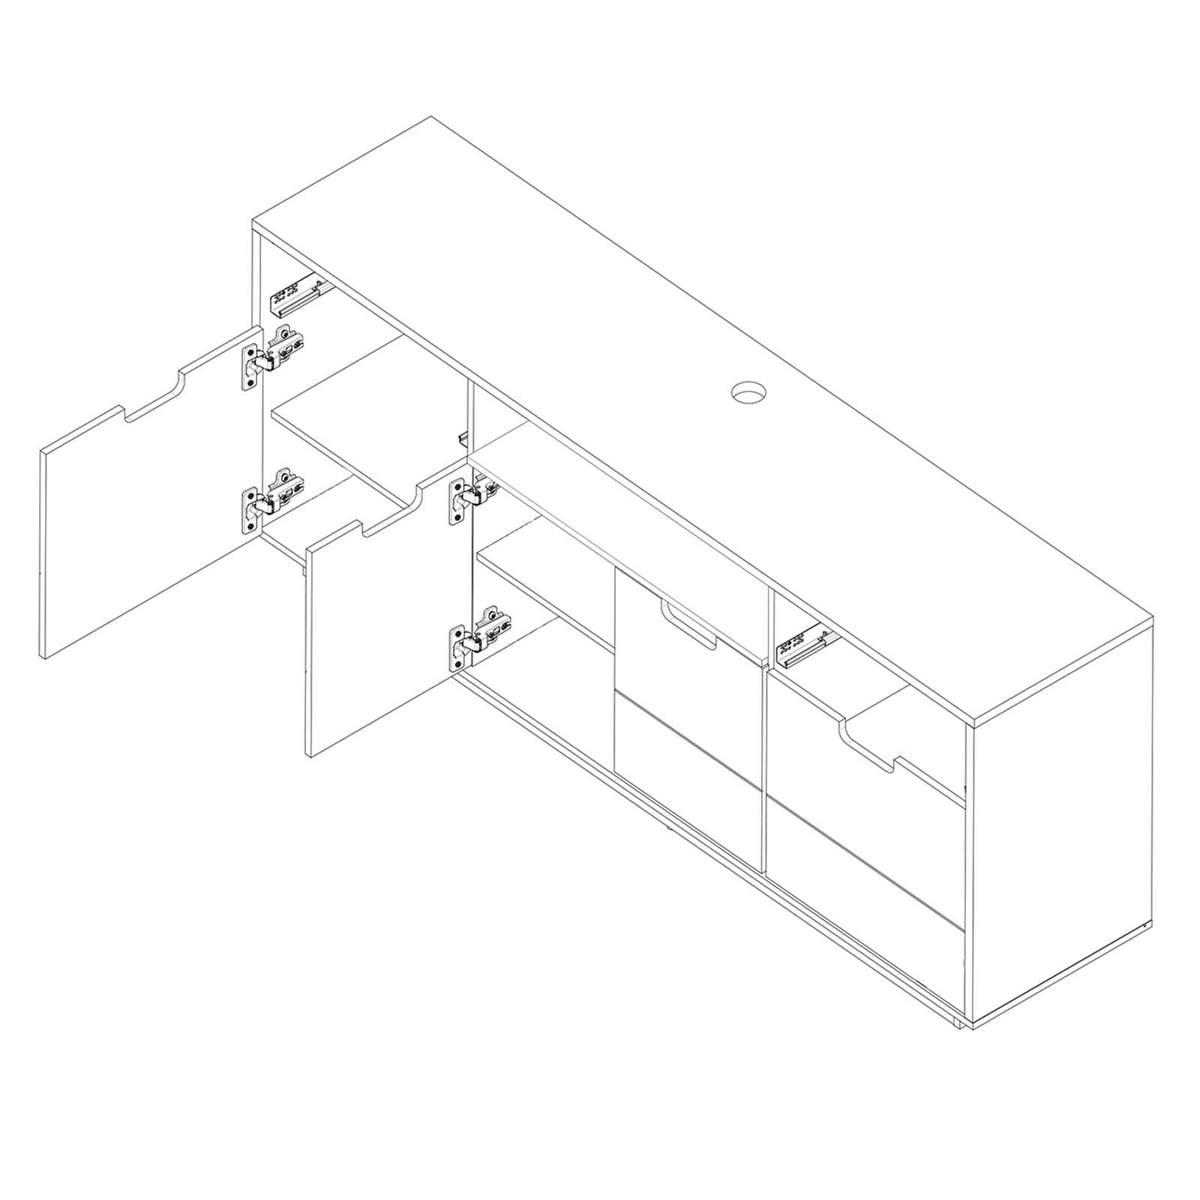 Bild 2 von TV-Sideboard COUNTRY - weiß Hochglanz - mit LED-Leiste